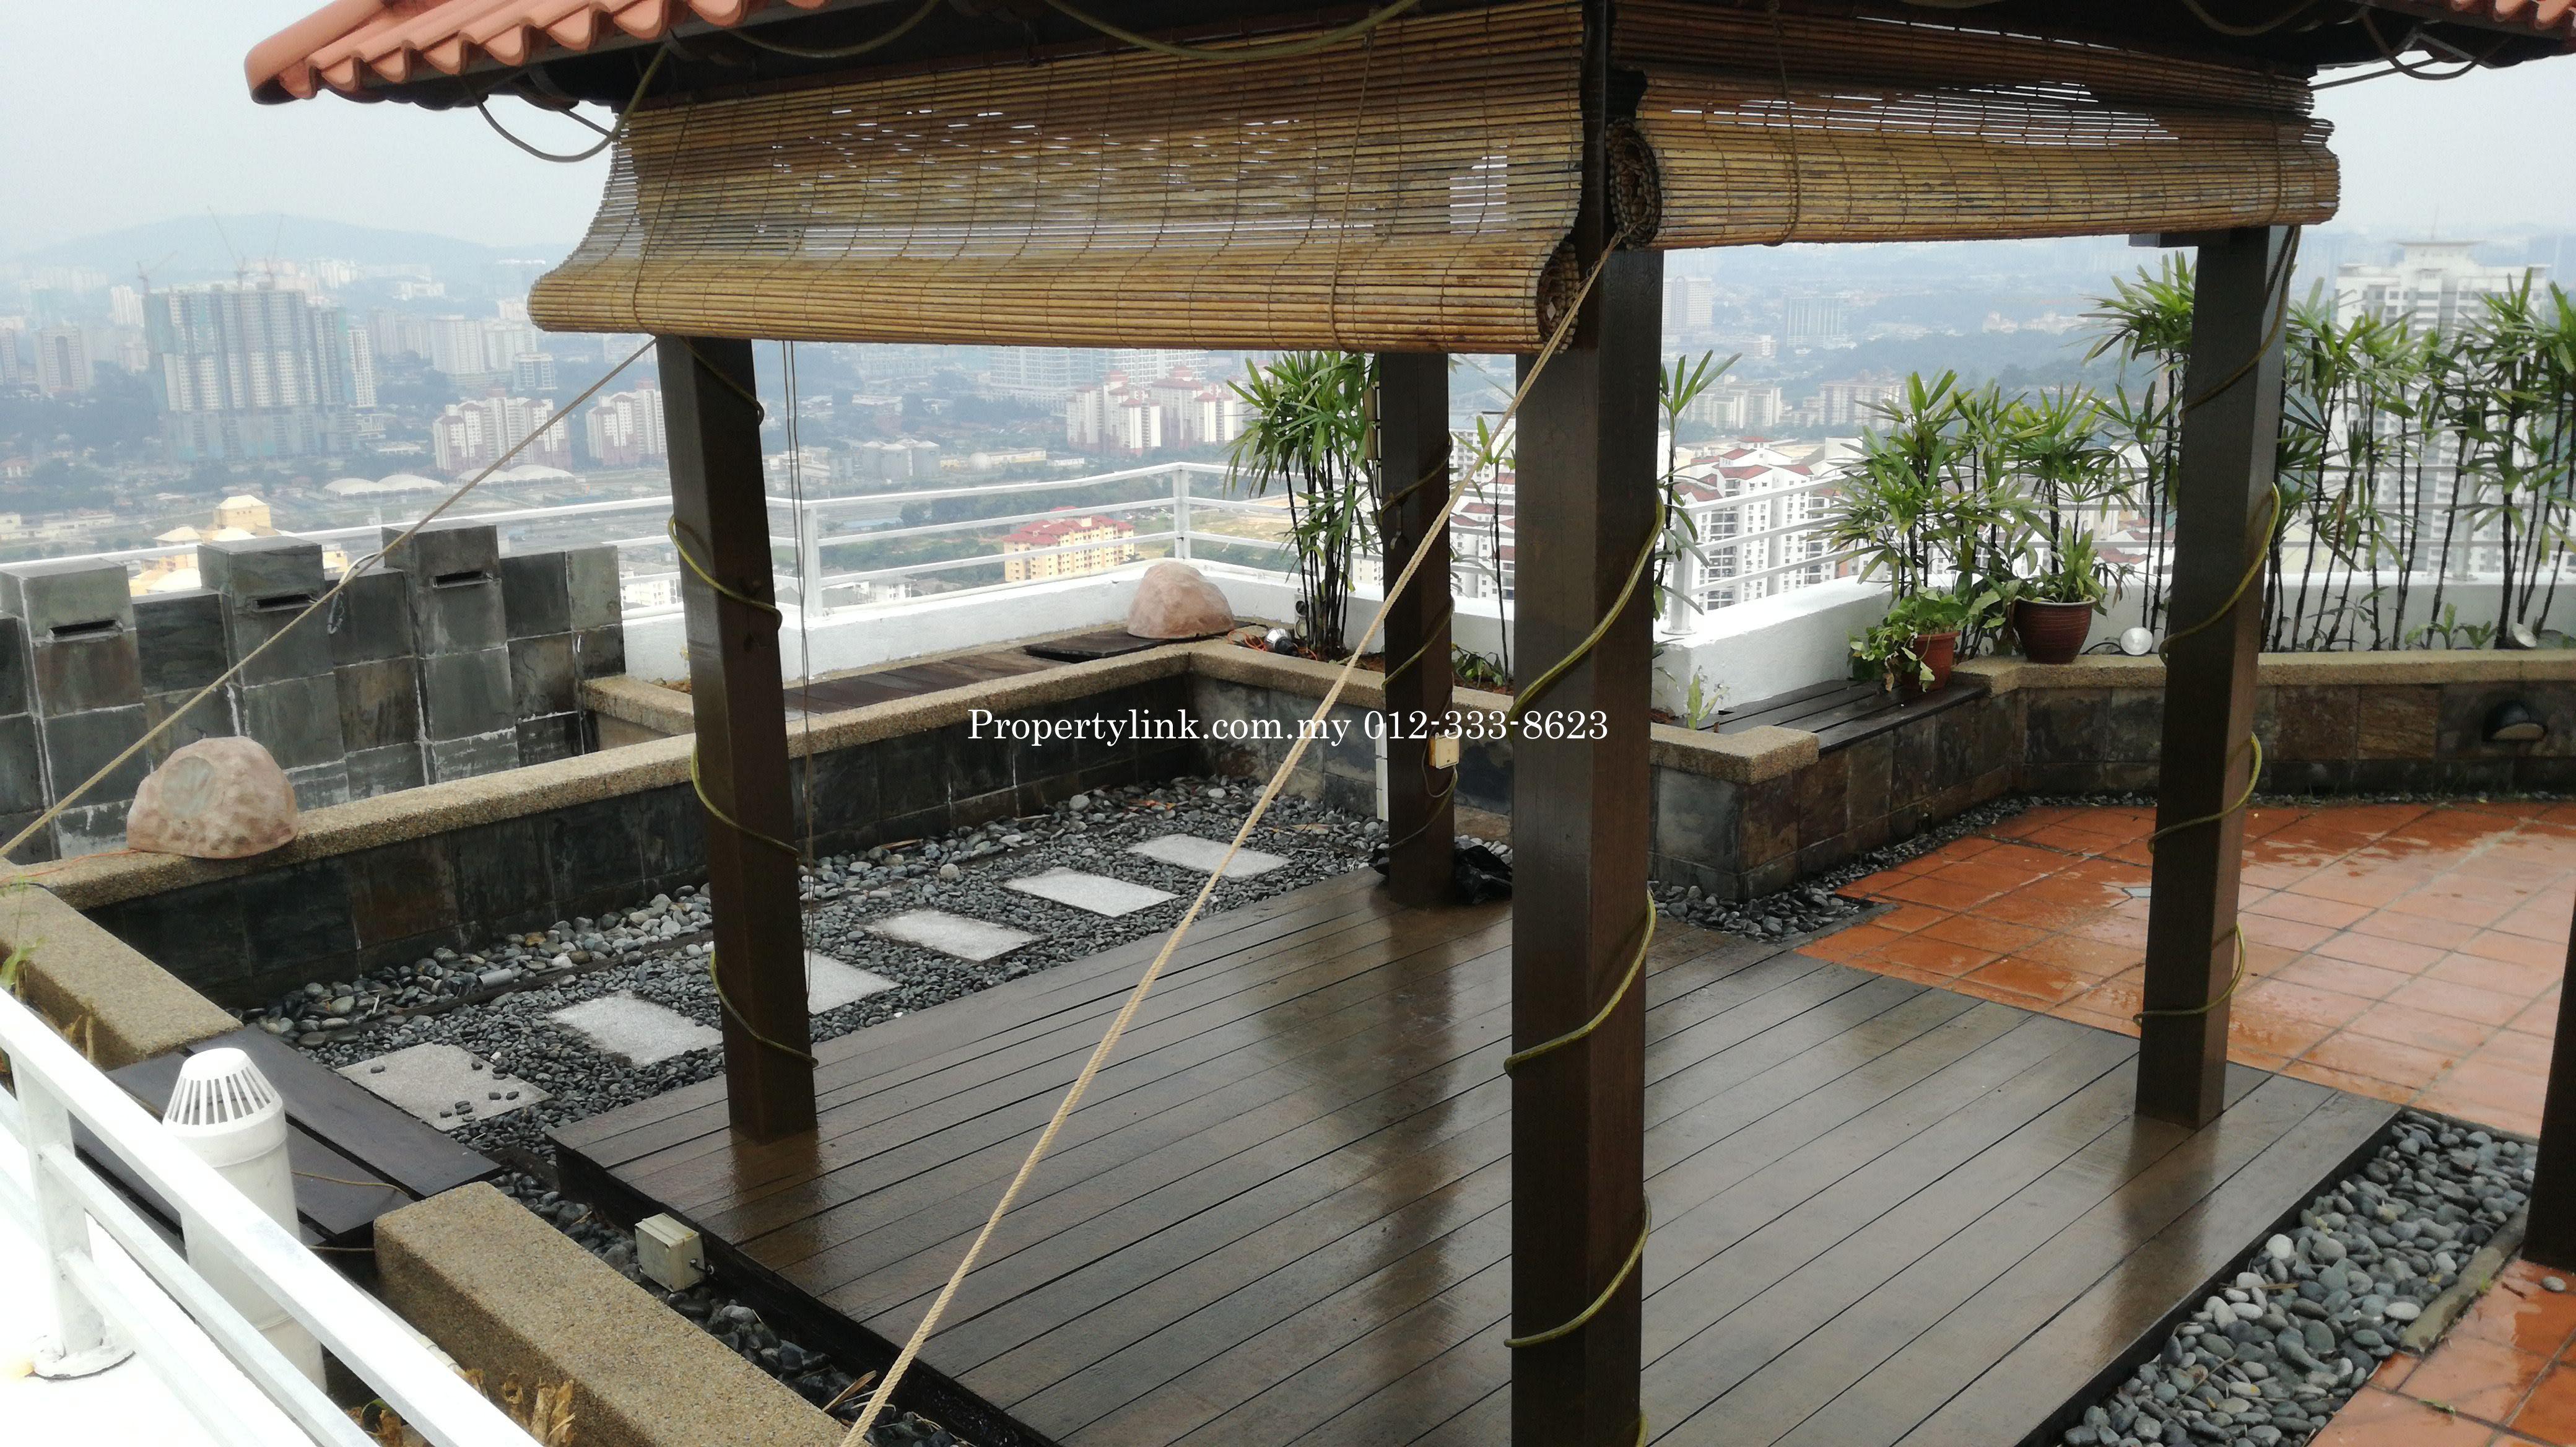 Pantai Panorama Penthouse Bangsar 出售